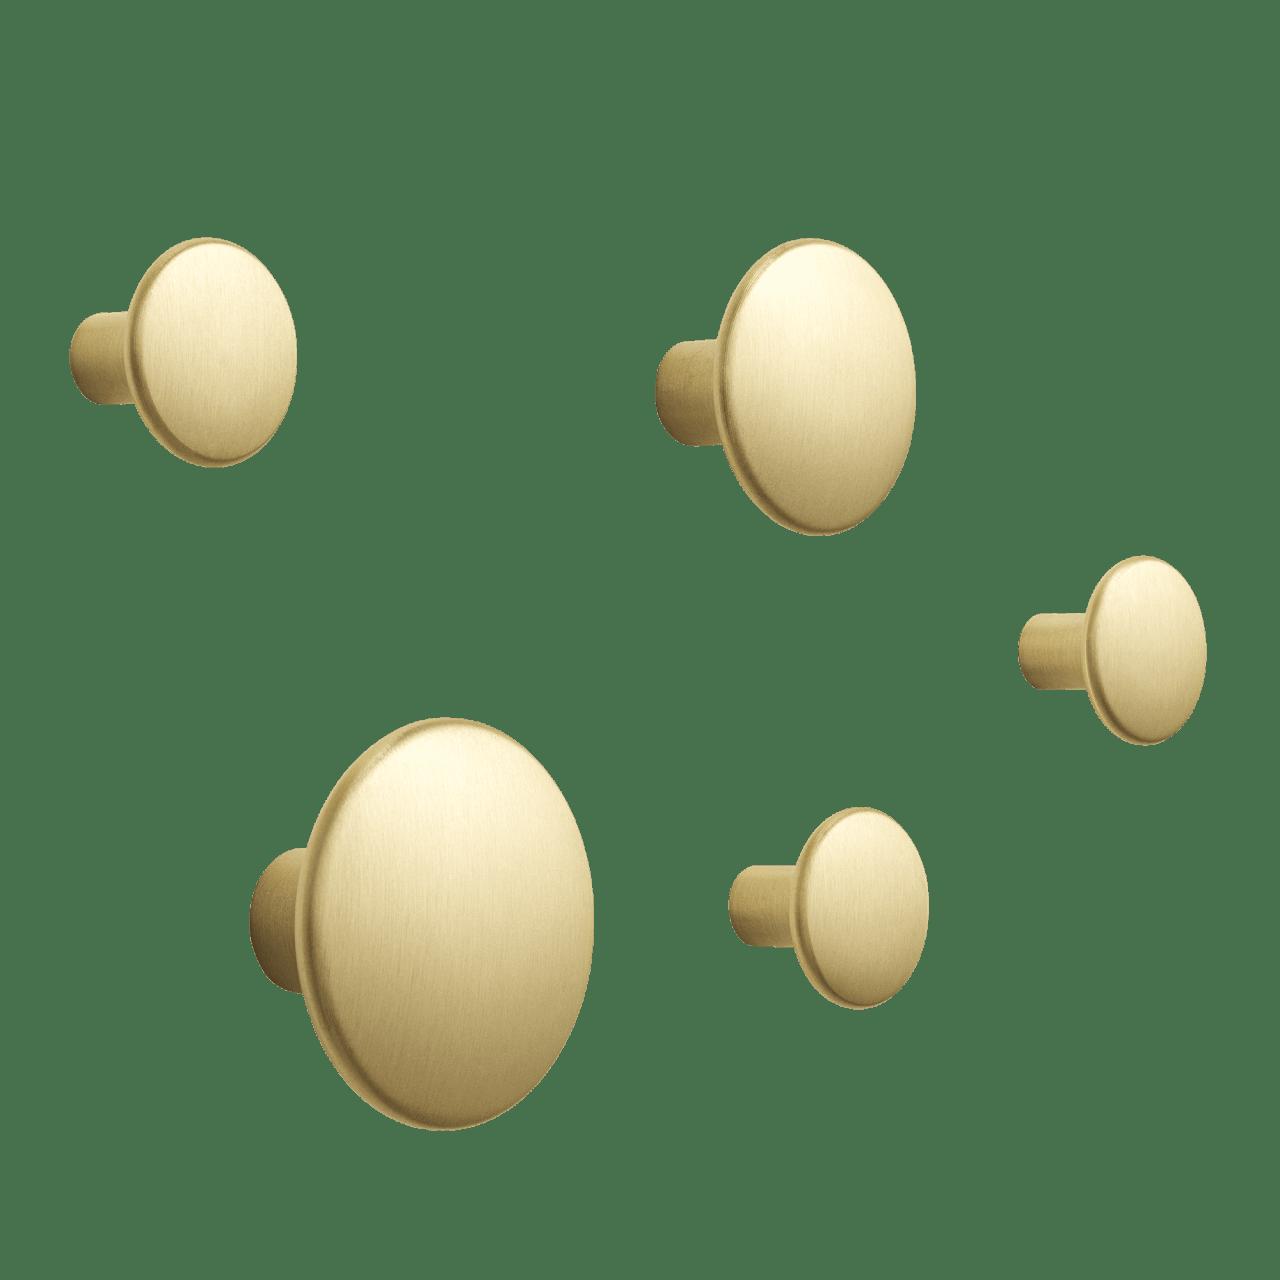 The Dots Metal Kleiderhaken - Set of 5